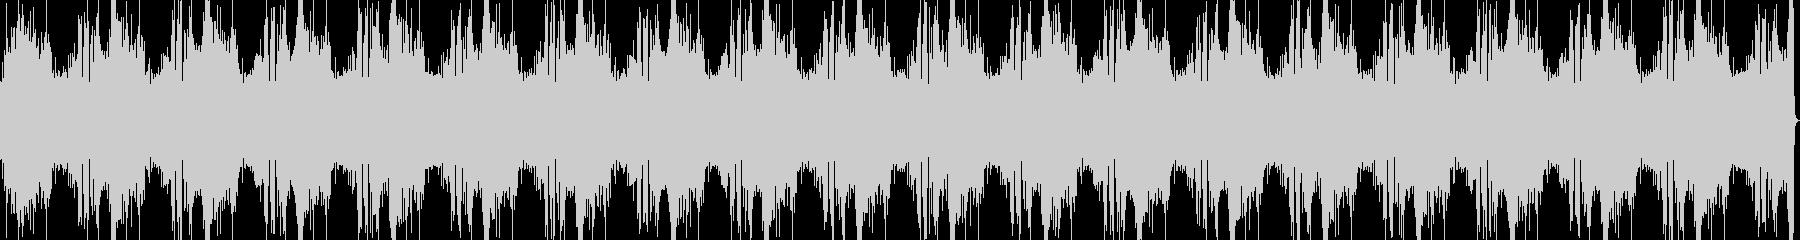 ドラクエ風フィールド曲・16分ループの未再生の波形